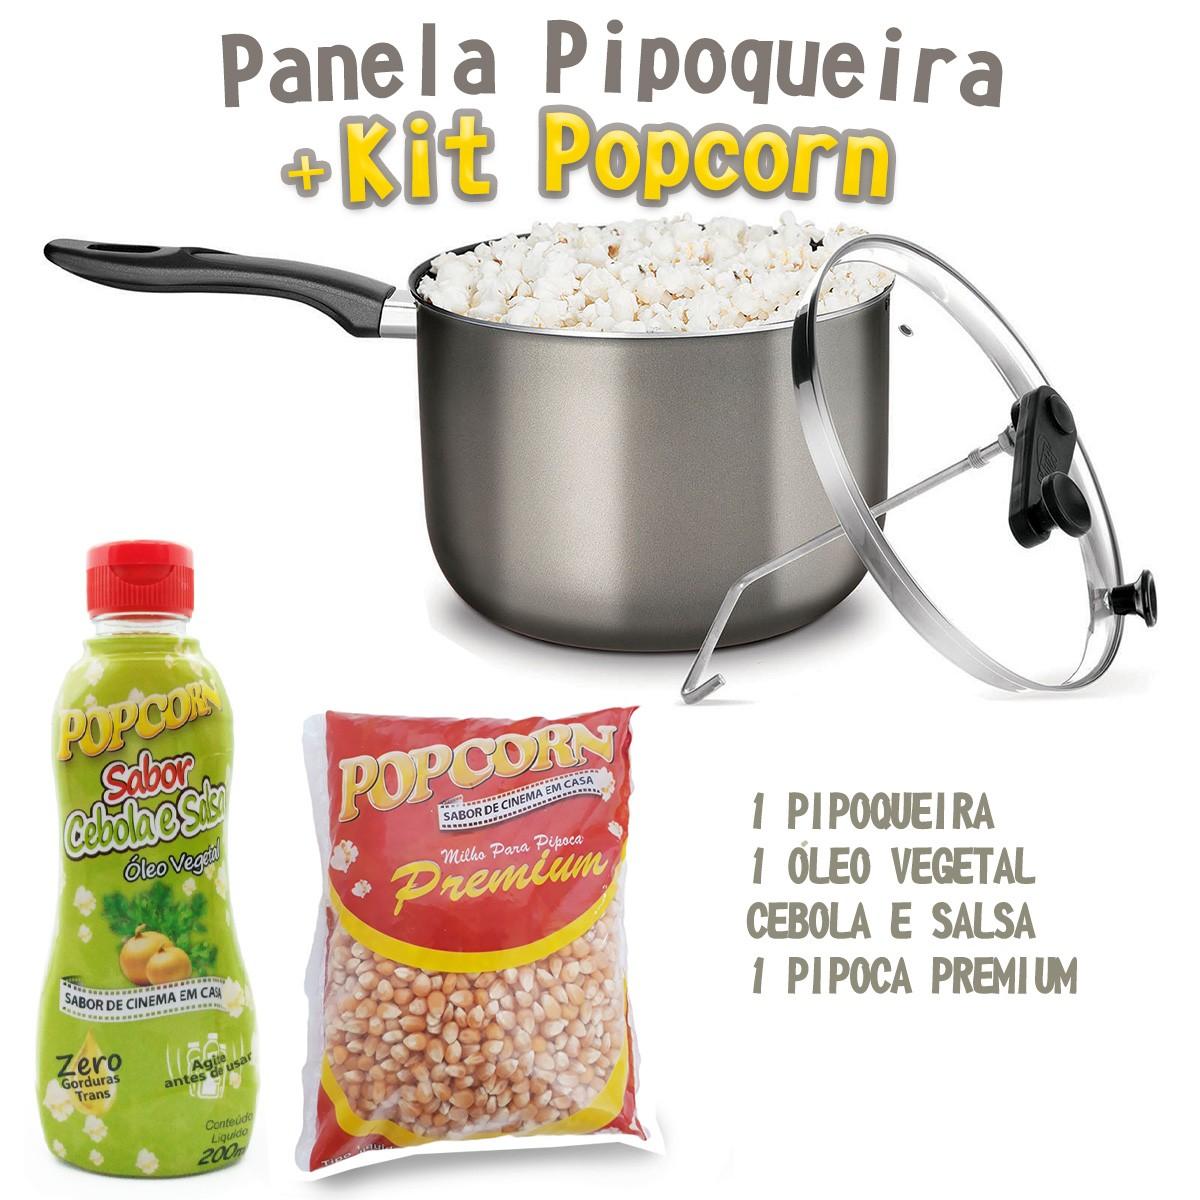 Pipoqueira Antiaderente com Tampa de Vidro + Kit Popcorn e Óleo vegetal Cebola e Salsa